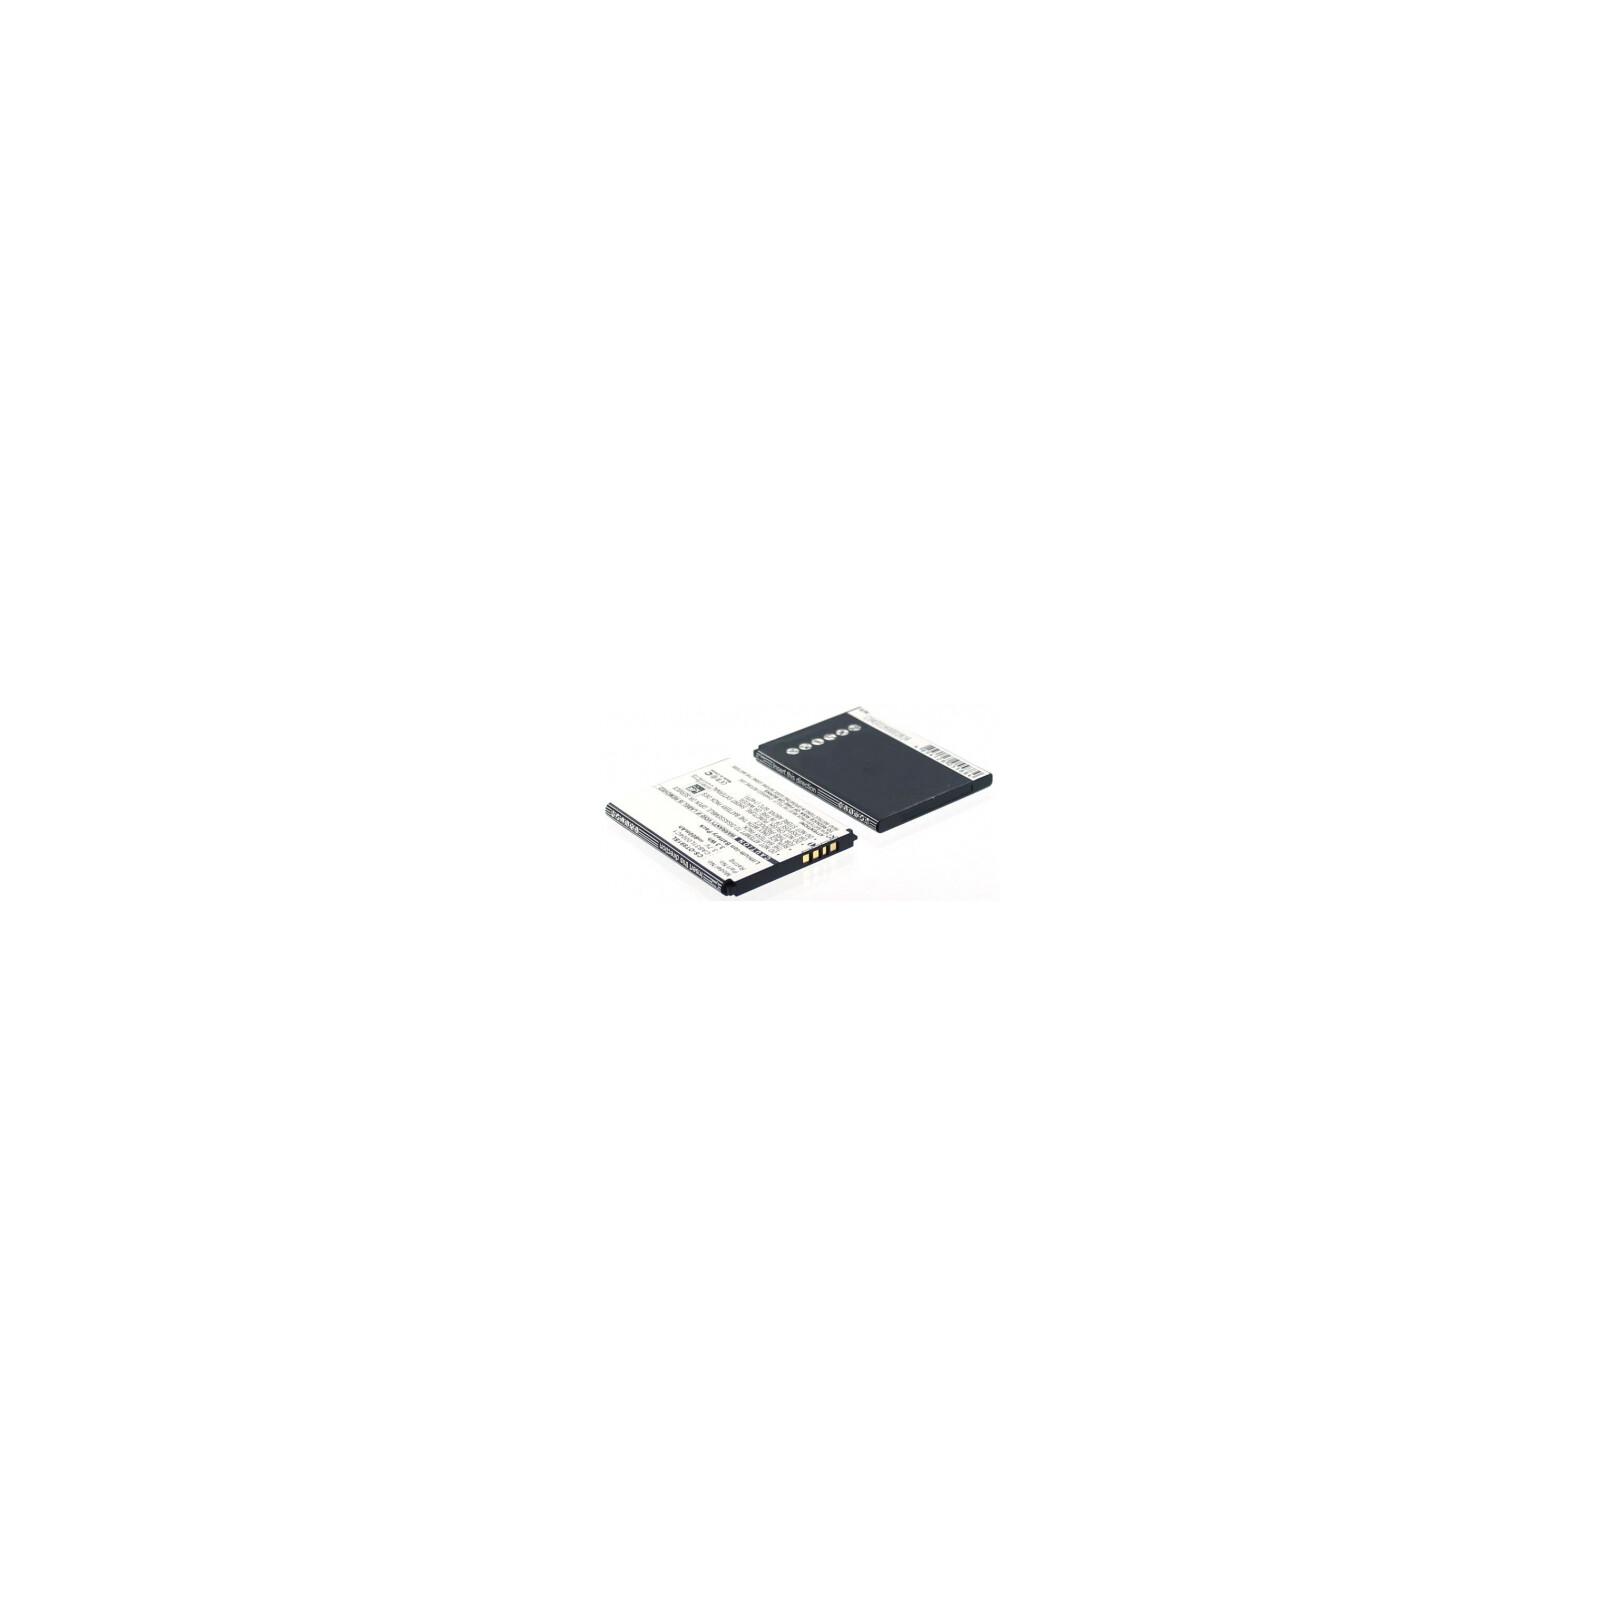 AGI Akku Alcatel CAB31L0000C1 900mAh